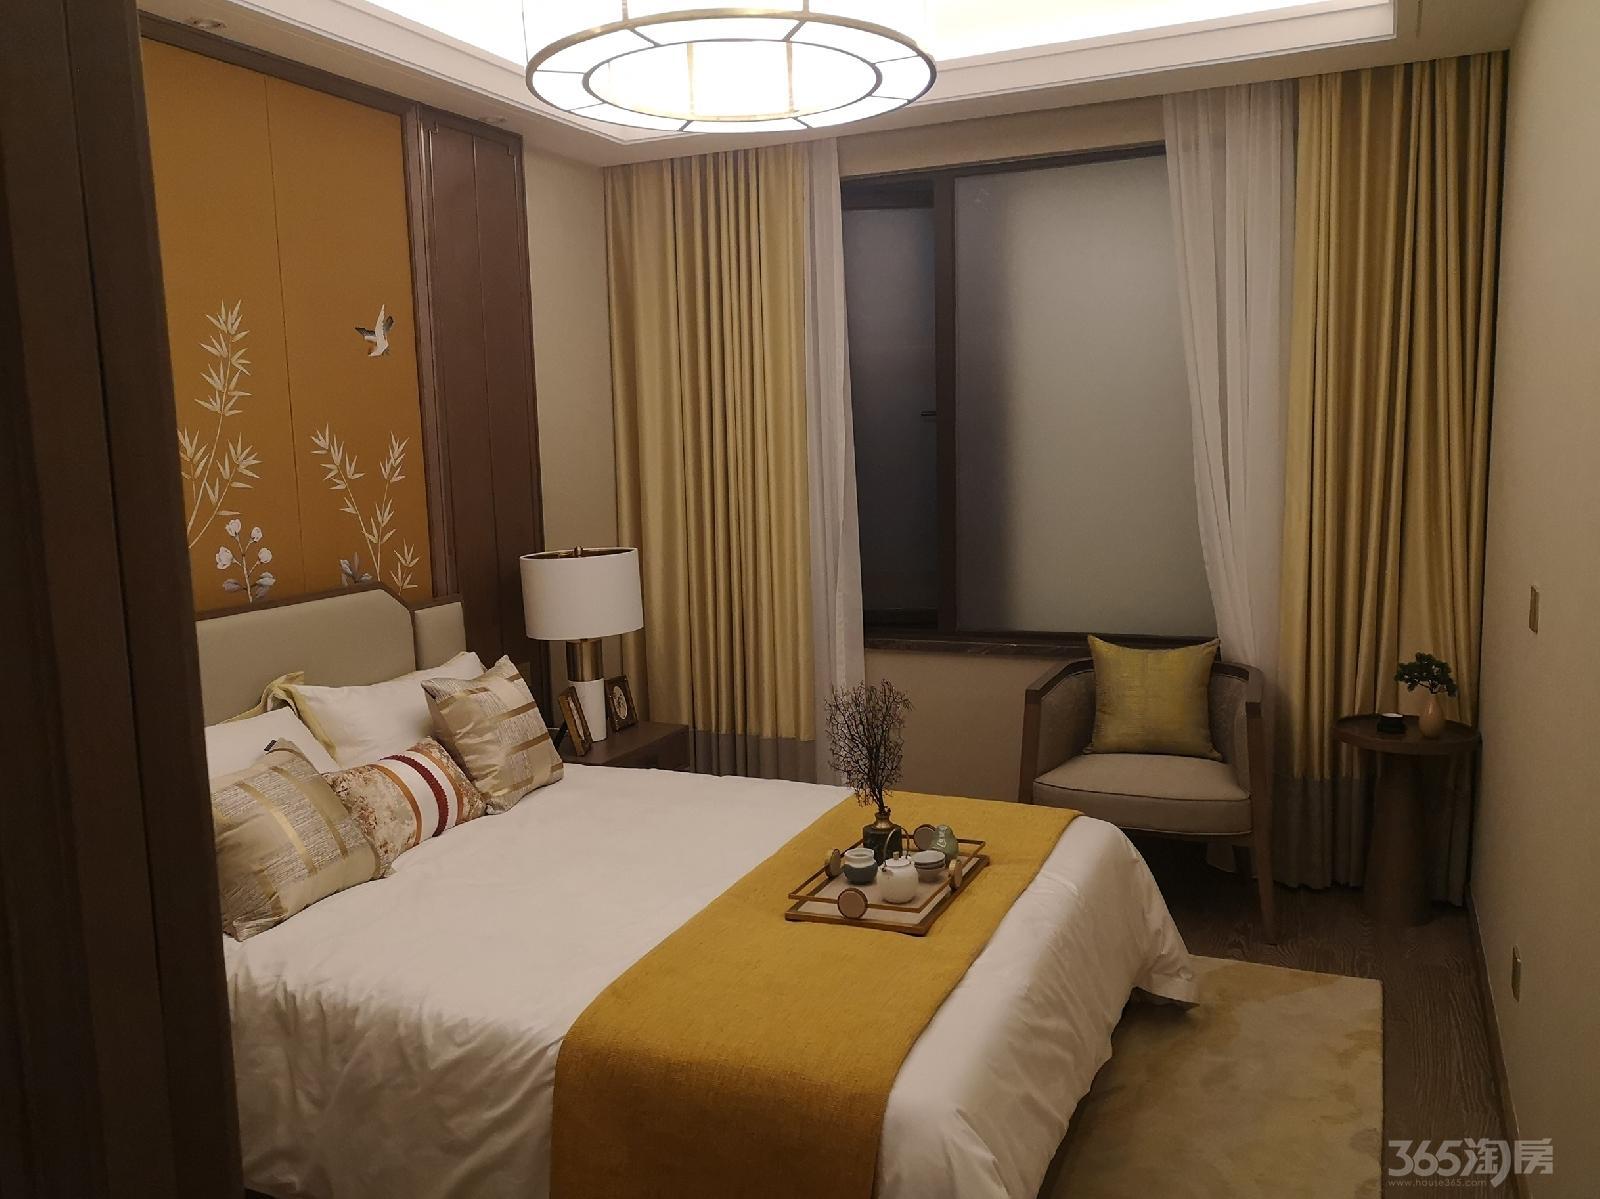 碧桂园鼎龙湾3室2厅2卫89平米精装产权房2011年建满五年